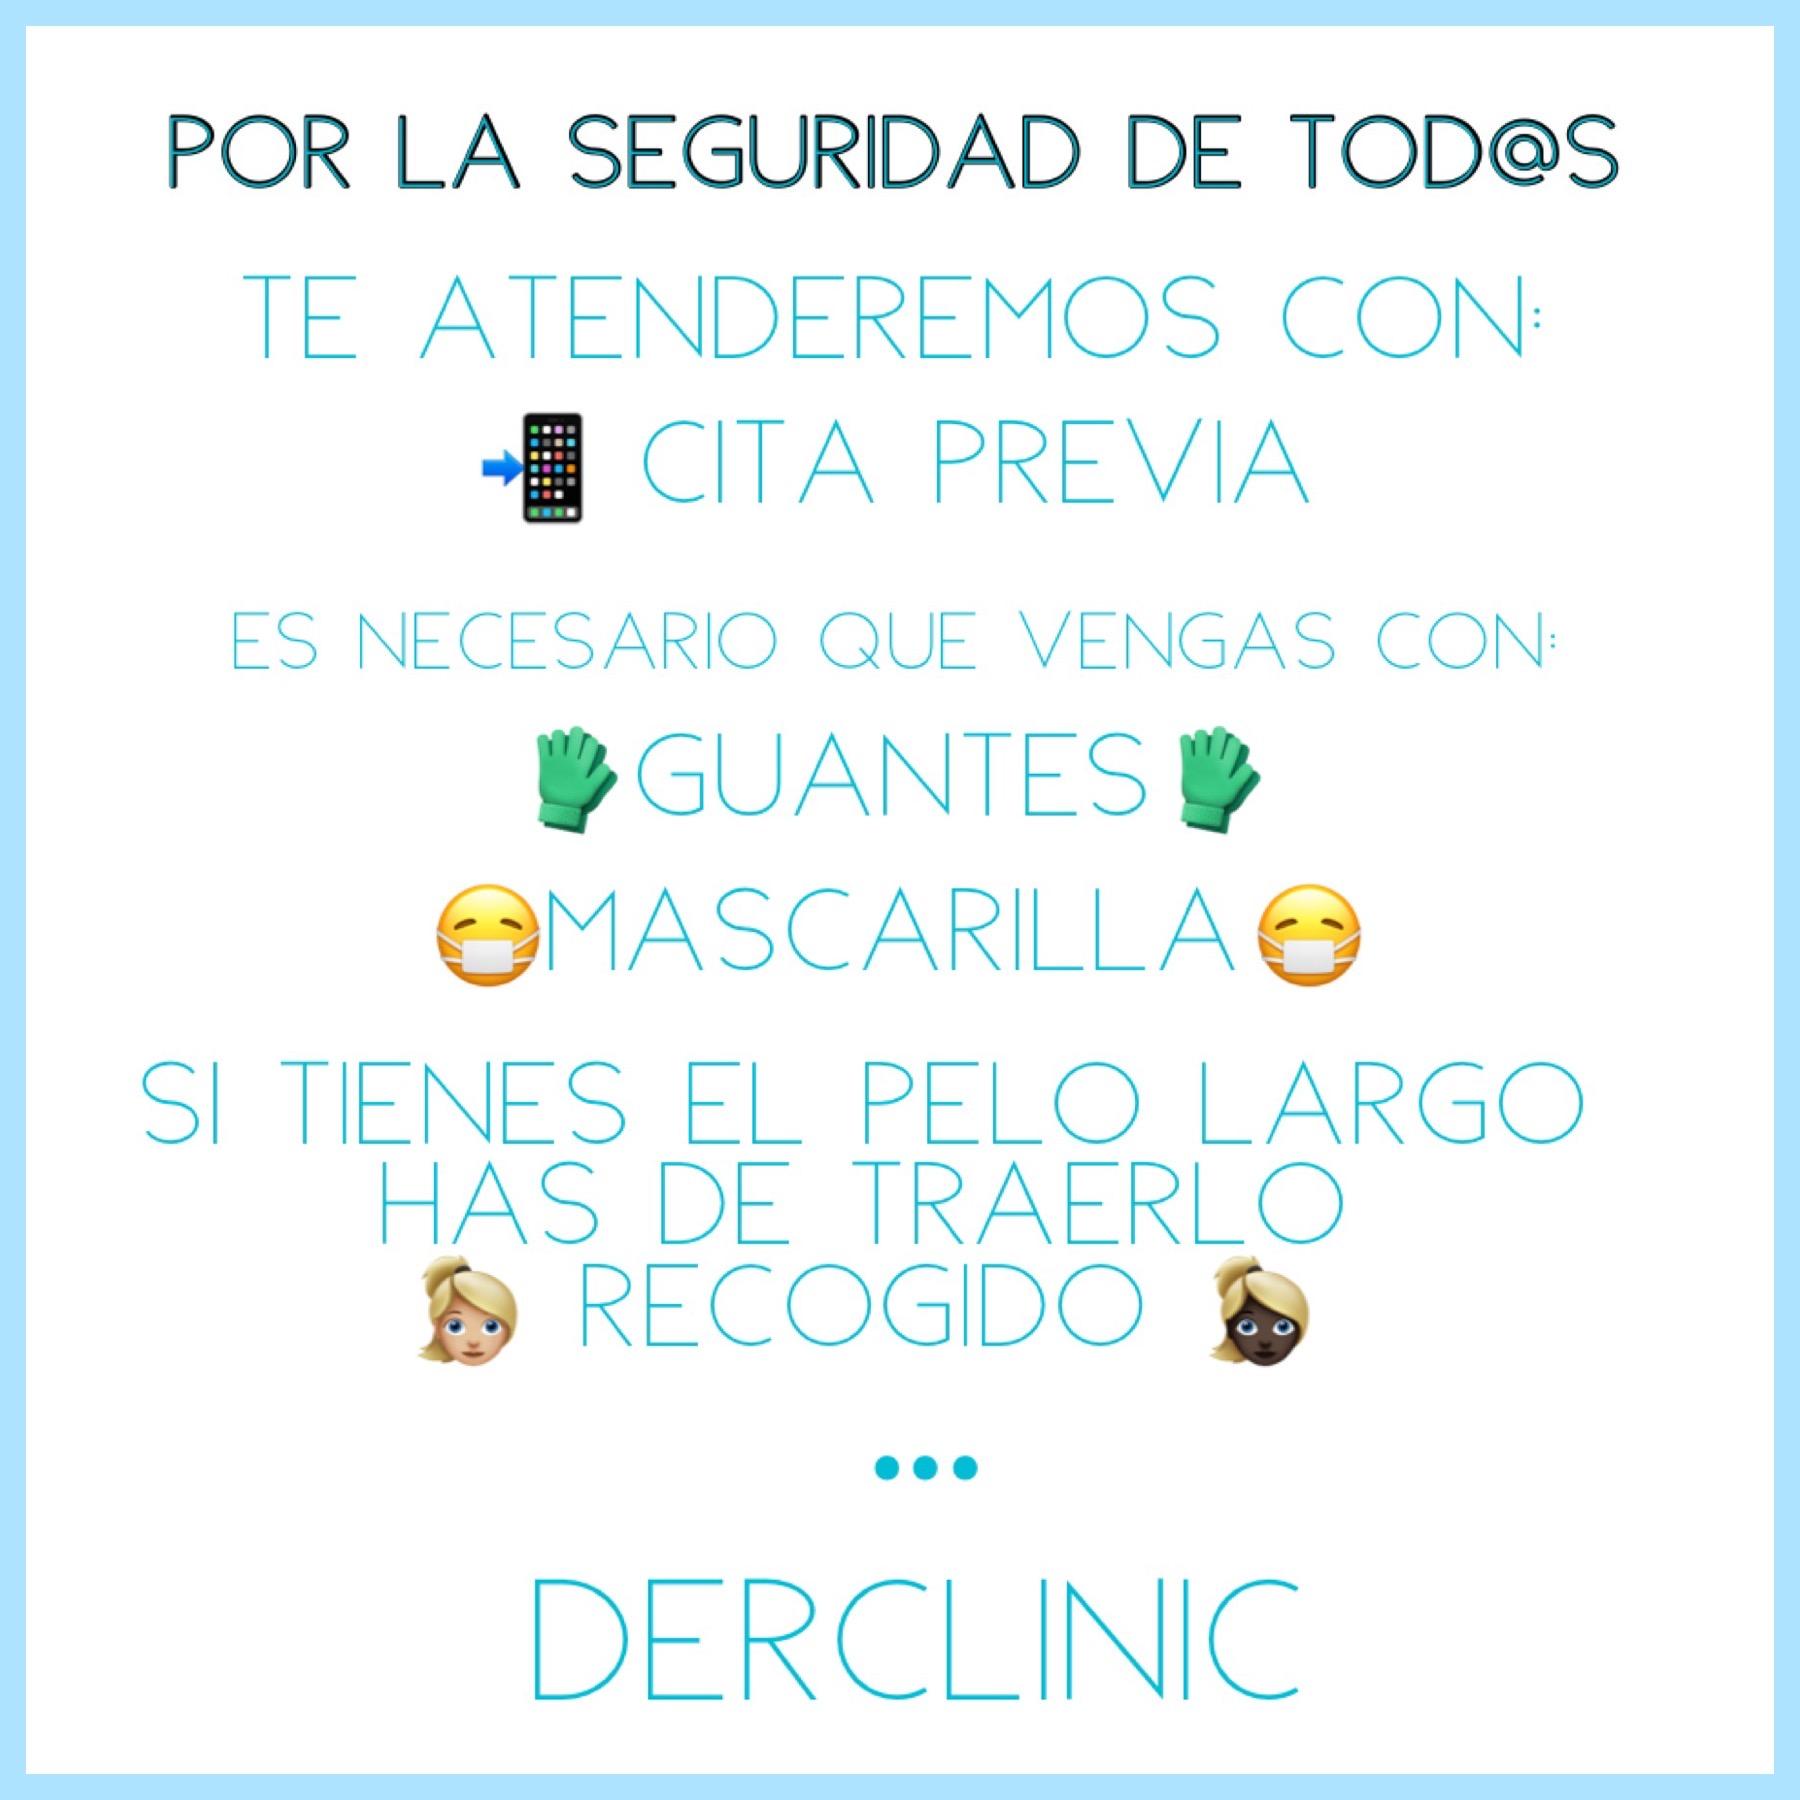 (Español) En Derclinic volvemos a estar a tu servicio con la máxima seguridad